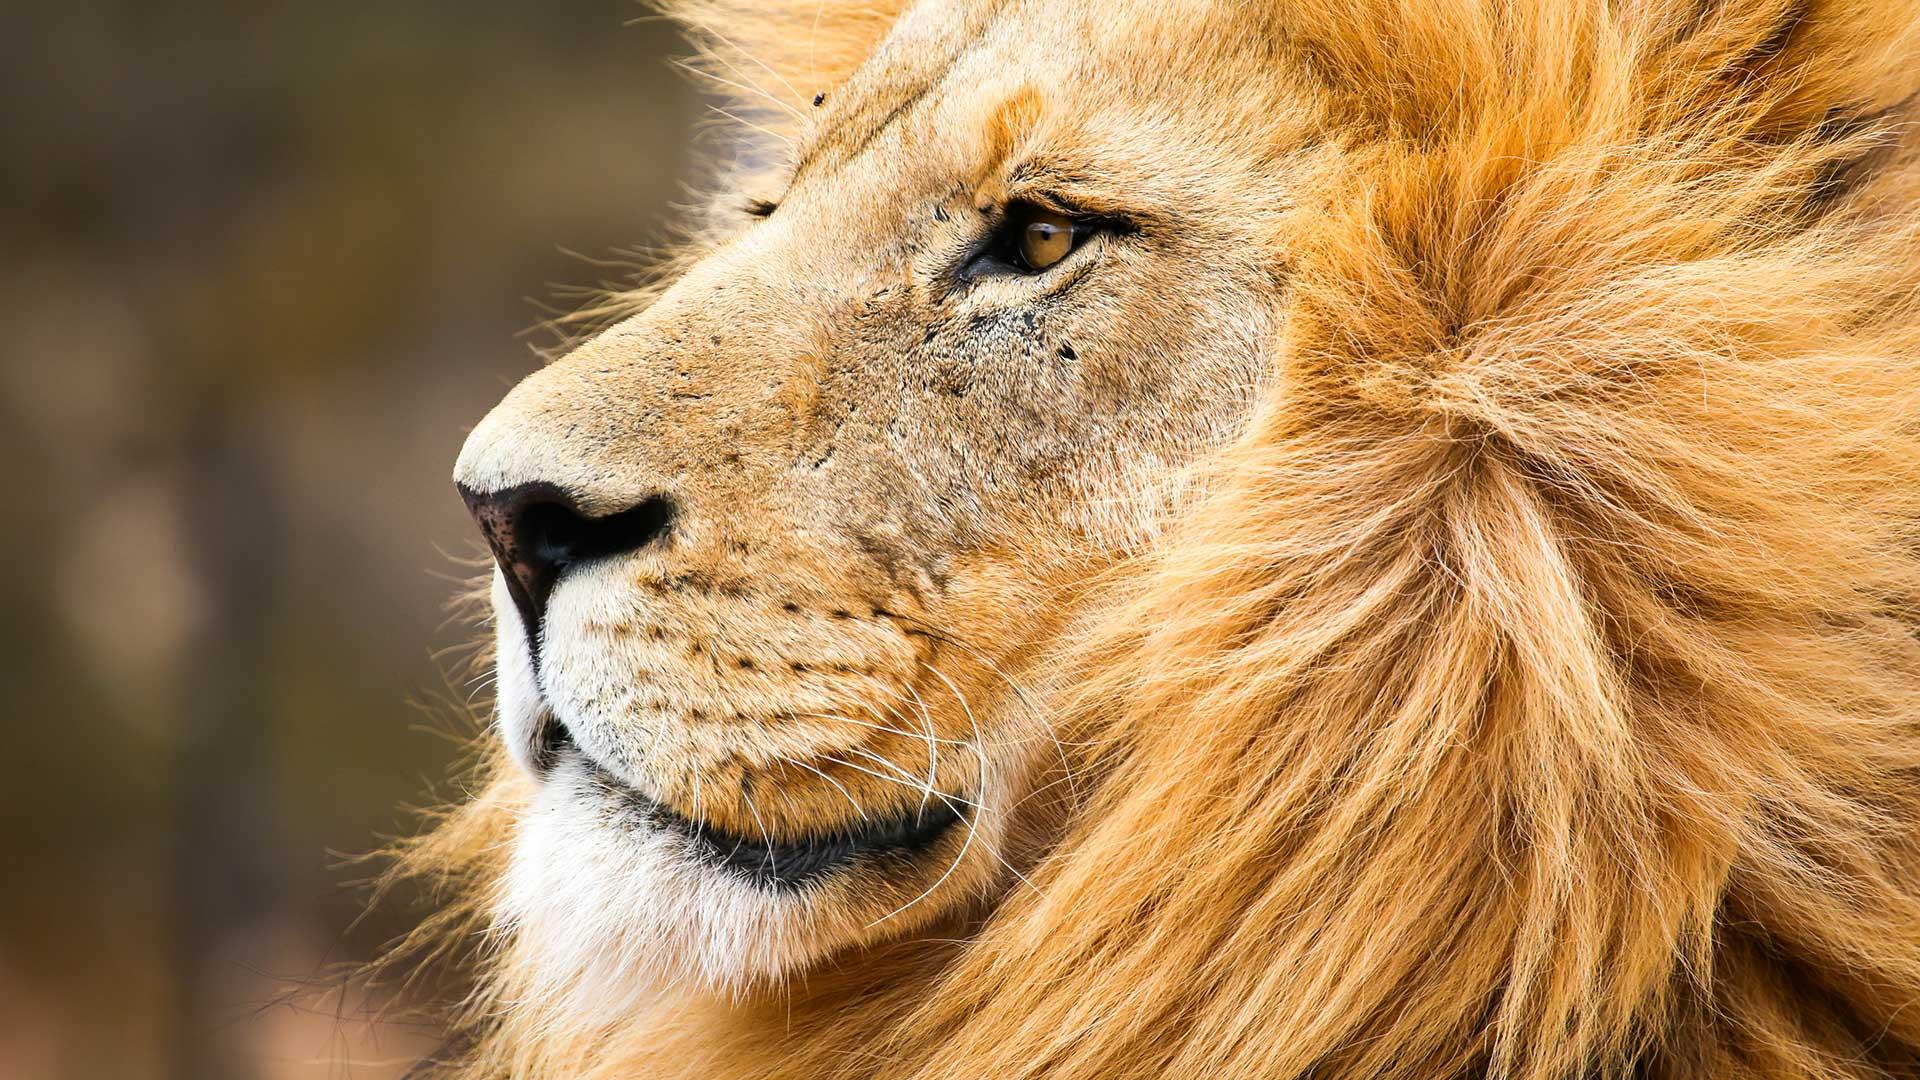 Wissenswertes über Löwen aufgrund der Kooperation des WWF mit der Deutschen Eishockey Liga (DEL)